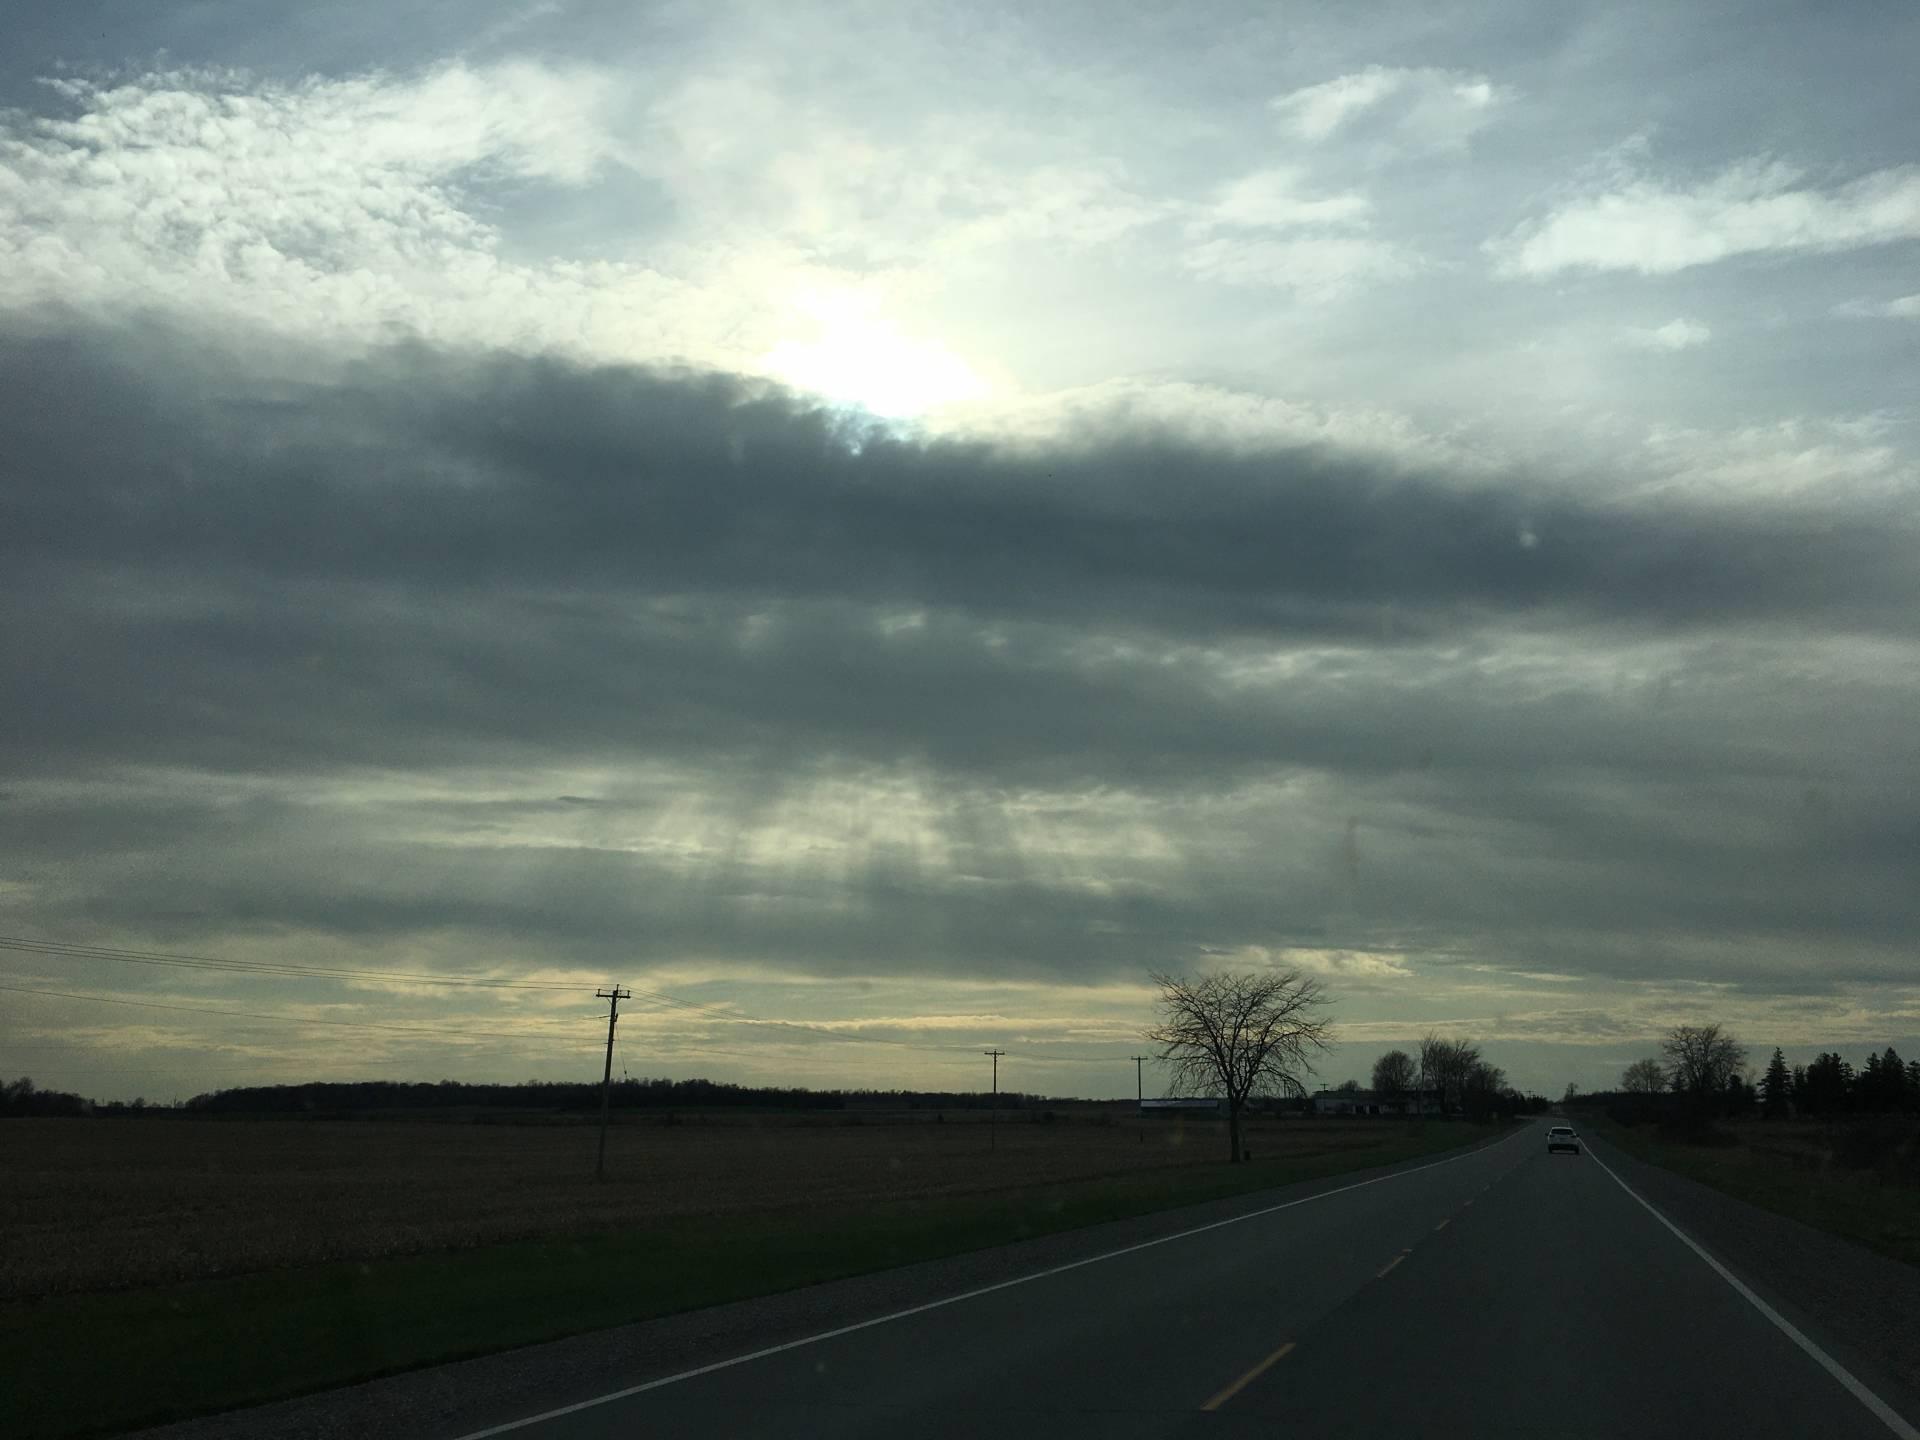 Sun rays intercept